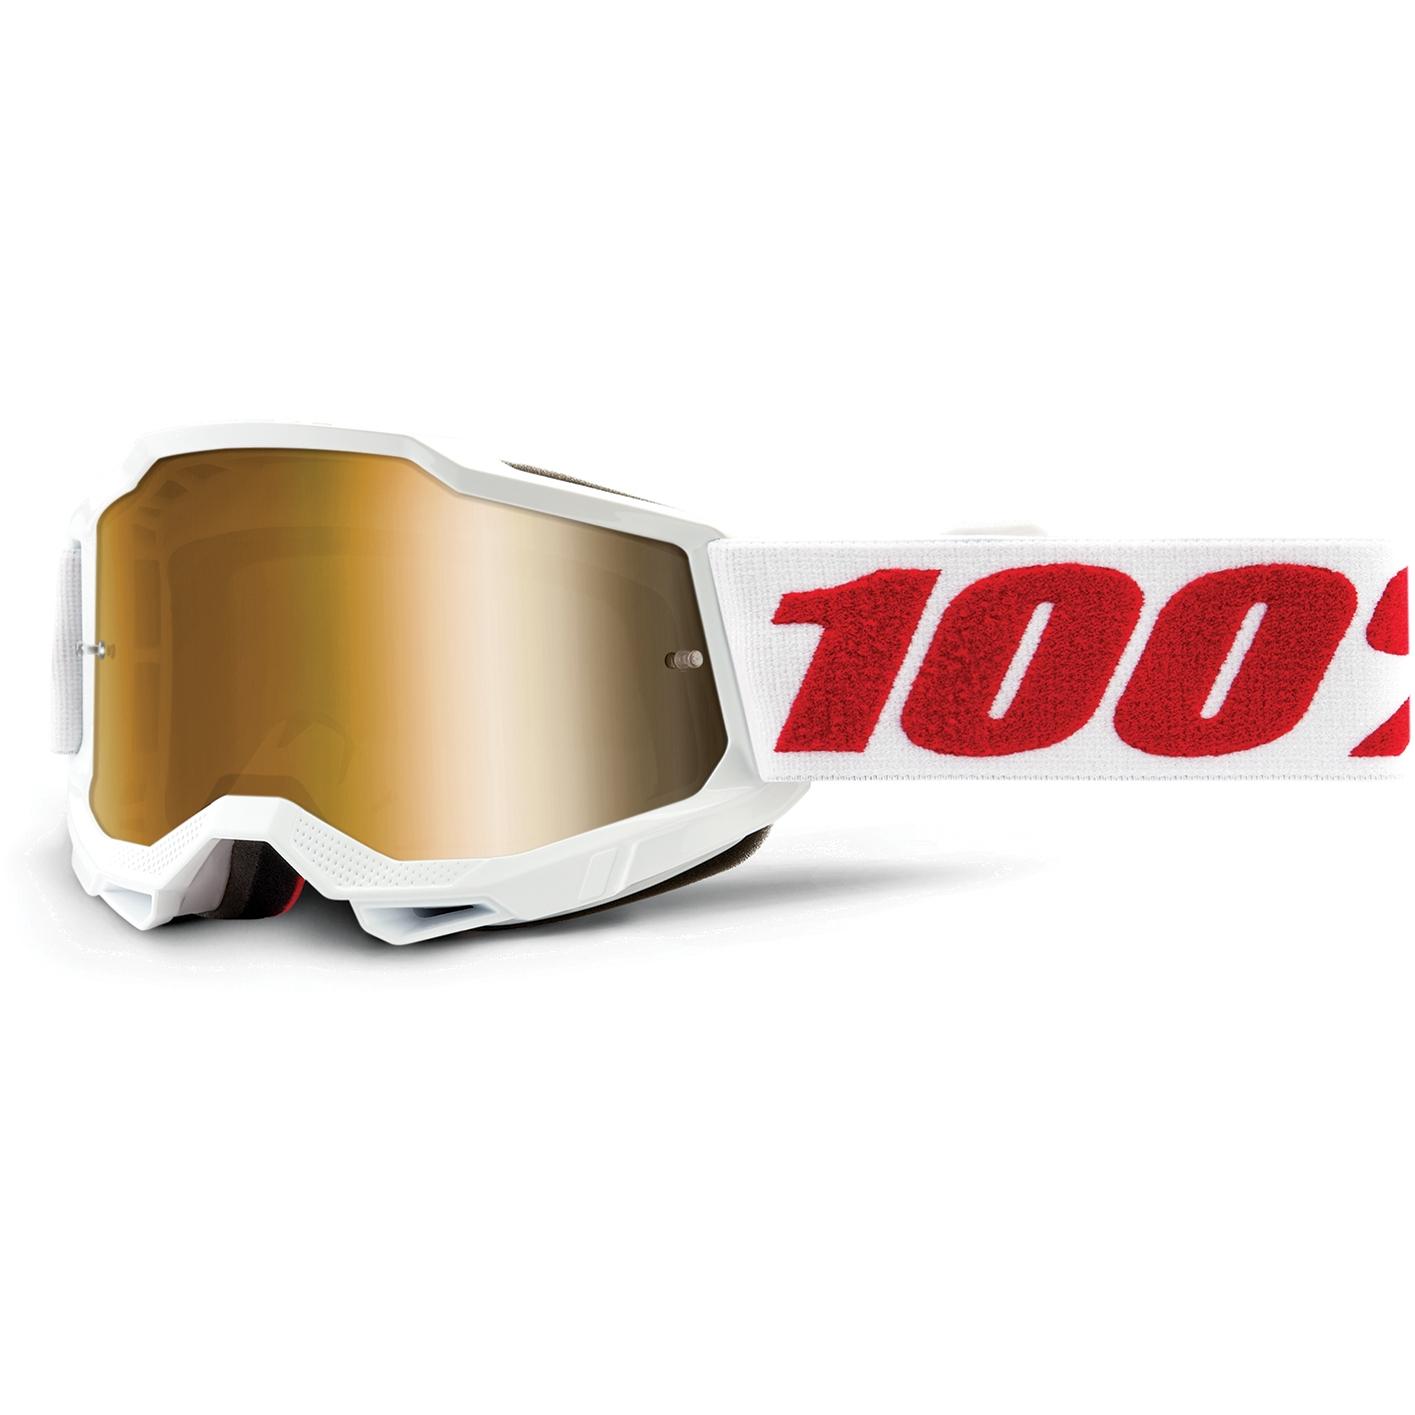 100% Accuri 2 Goggle Mirror Lens Gafas para niños - Denver - Gold Mirror